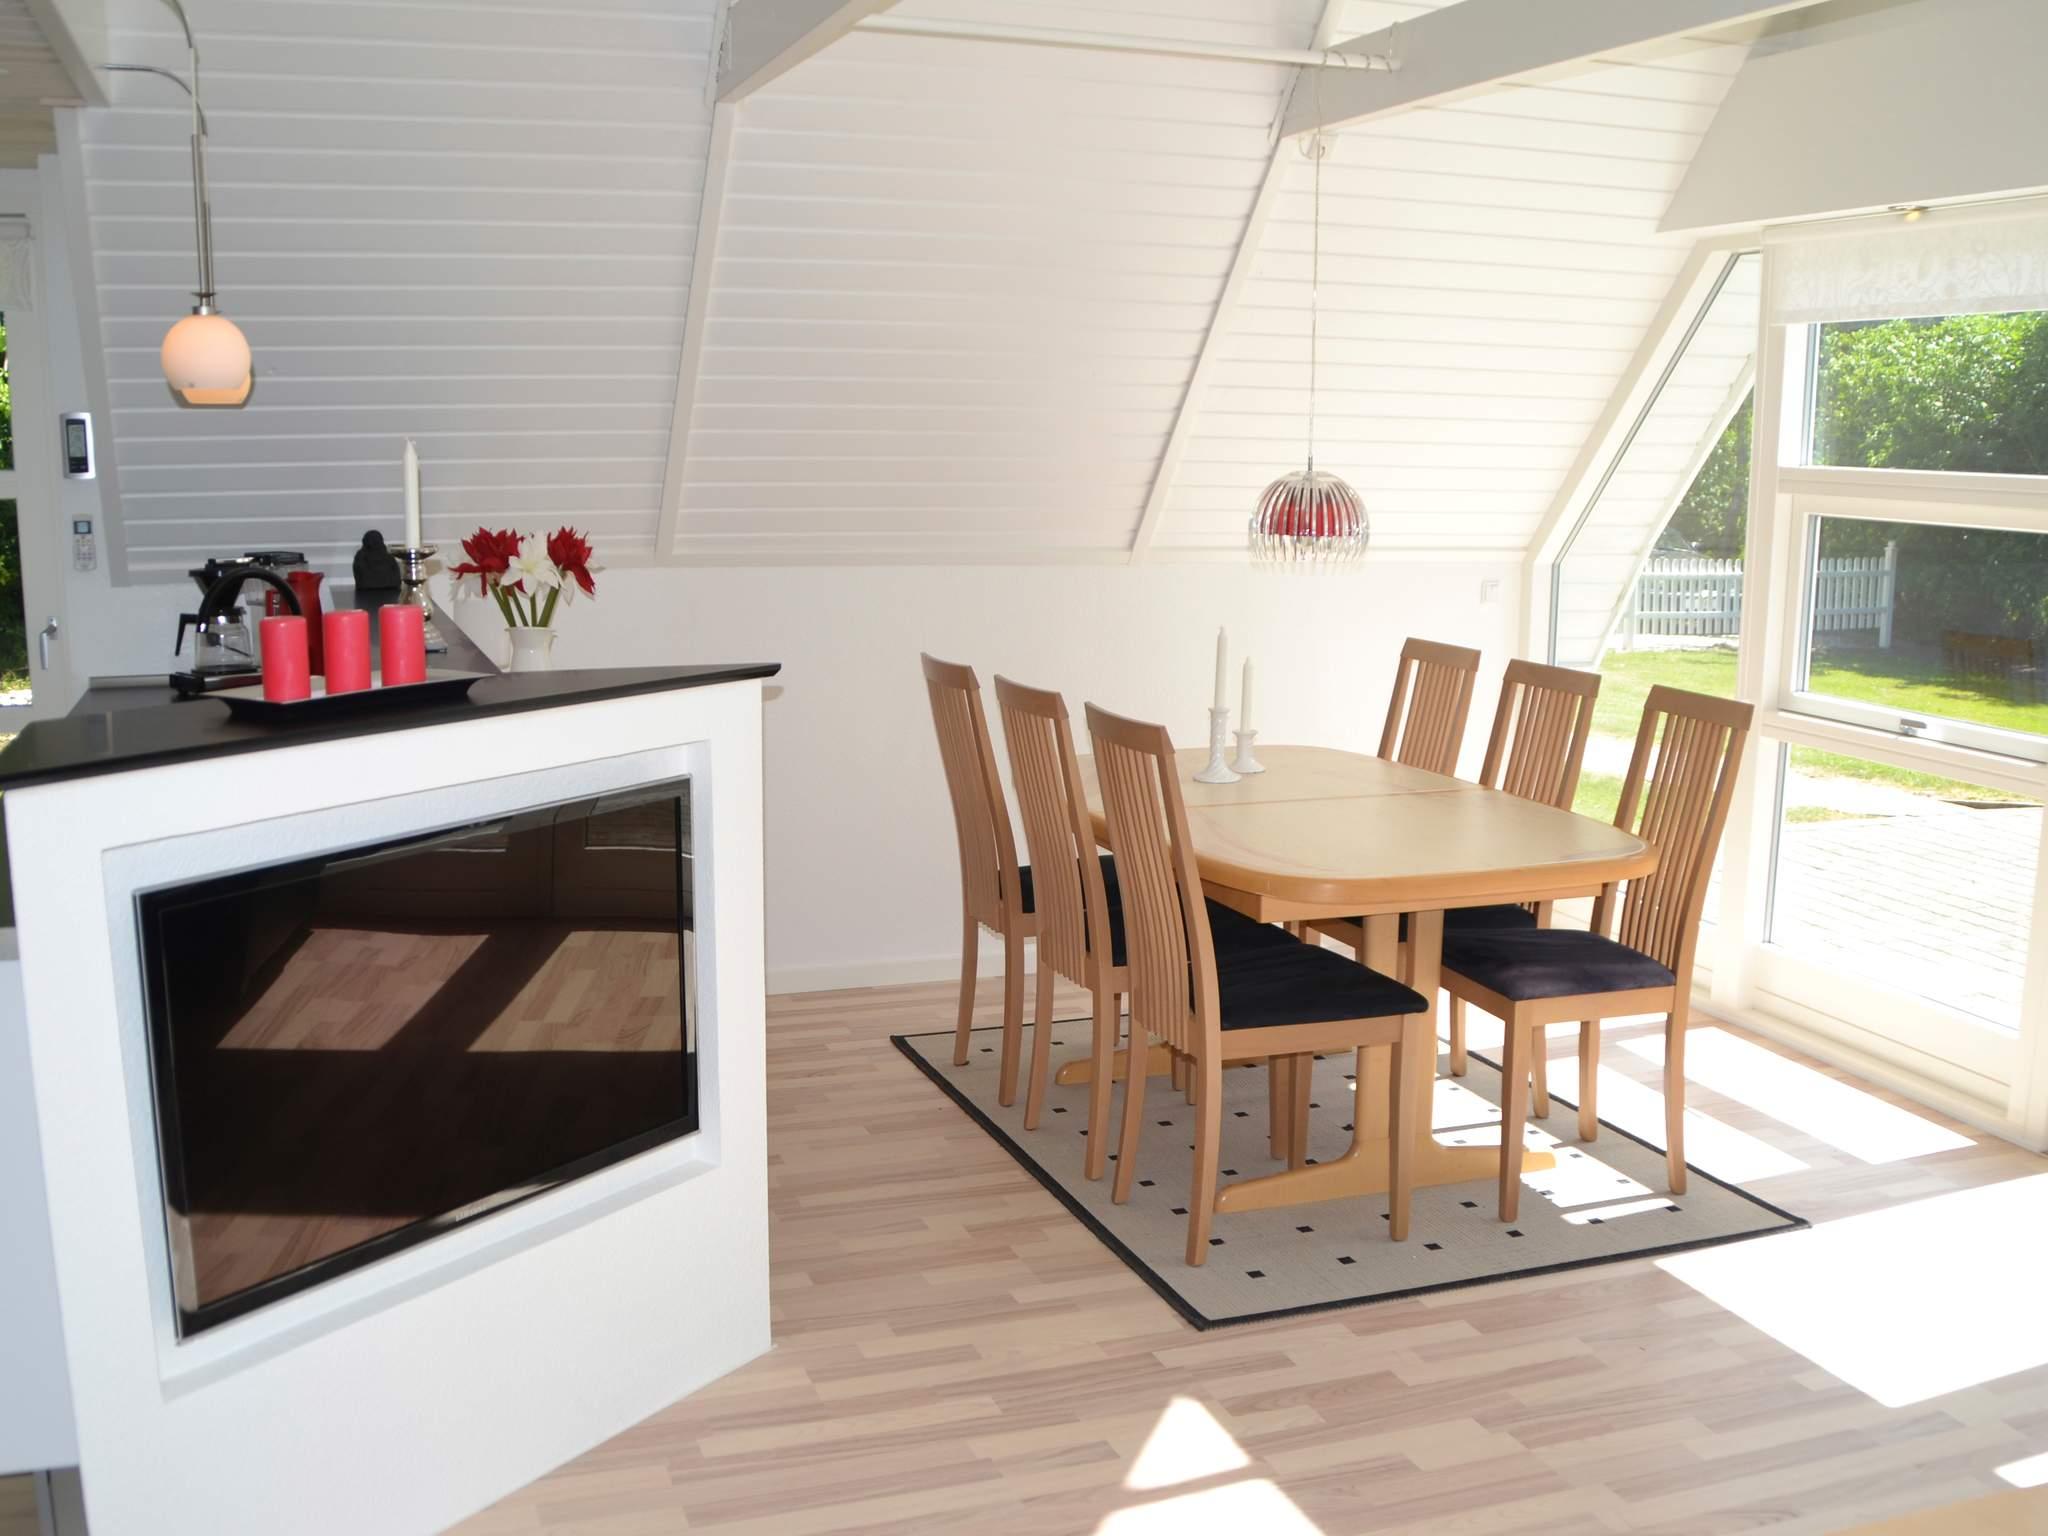 Ferienhaus Jegum (241722), Jegum, , Westjütland, Dänemark, Bild 6